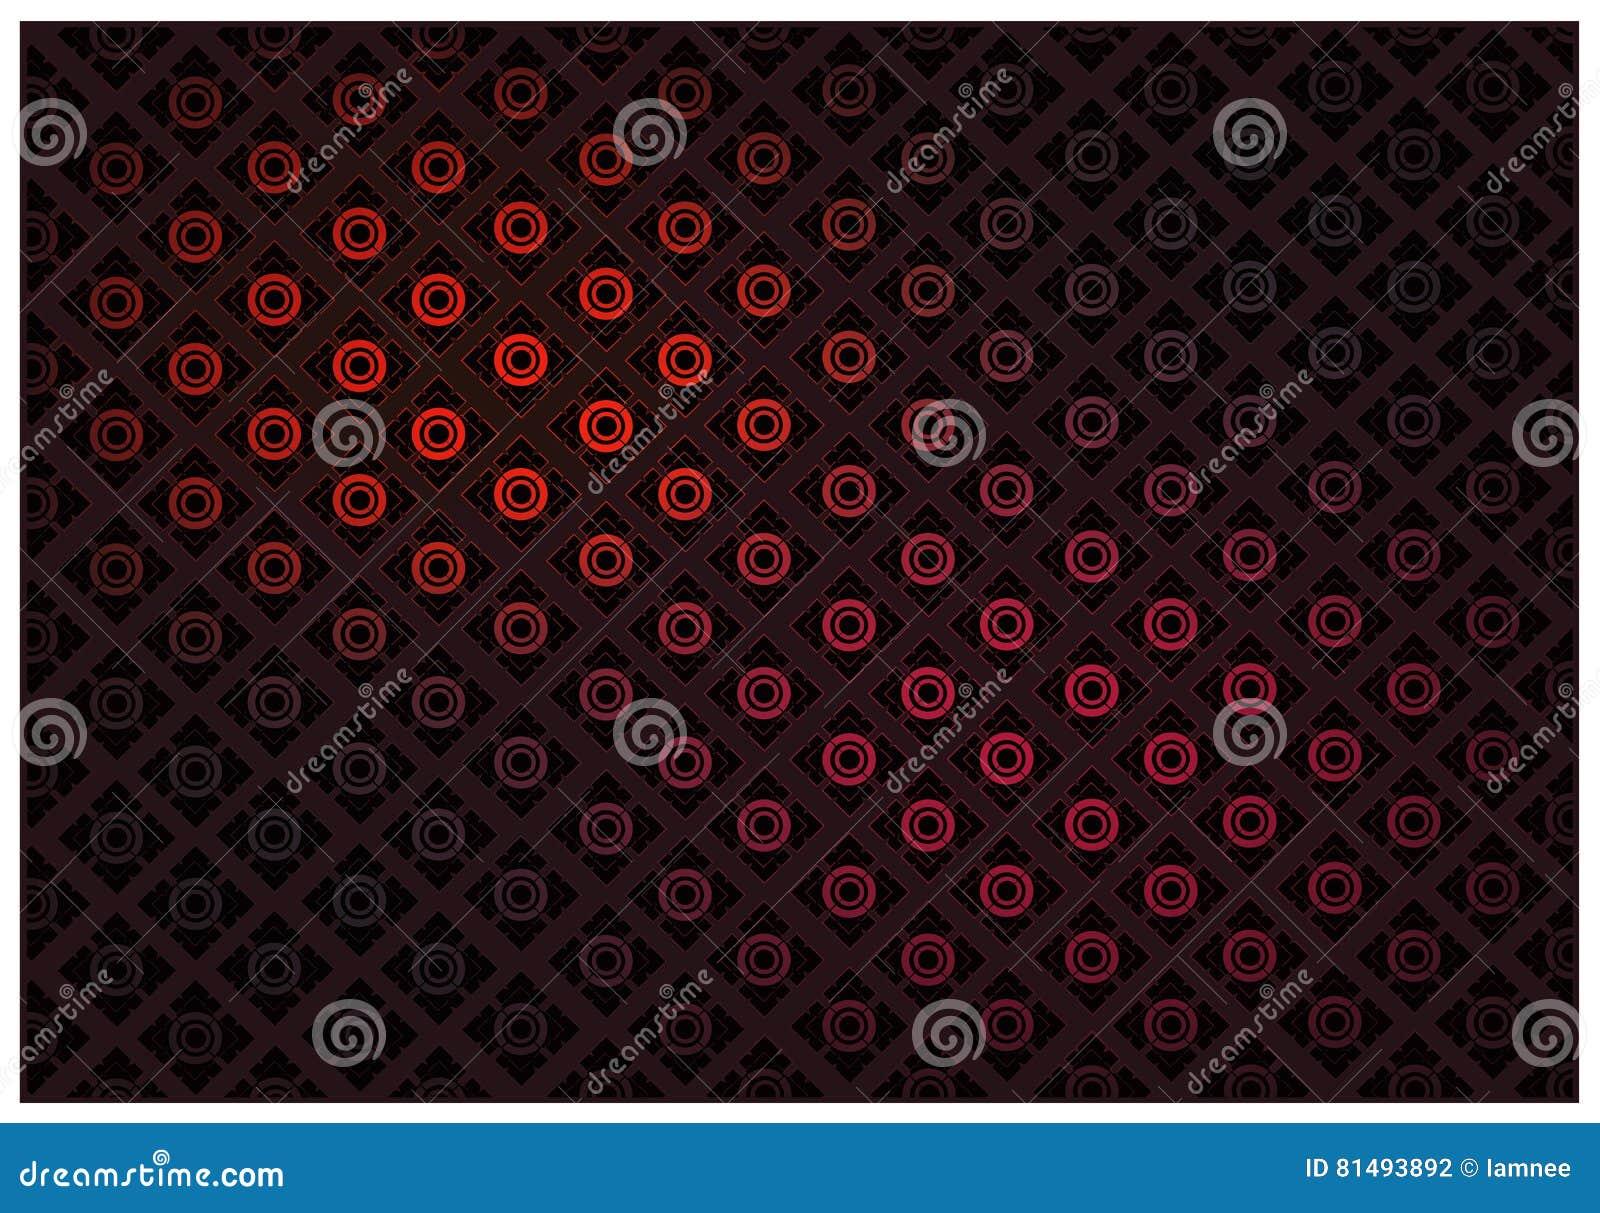 Couleur Rouge De Fond Thailandais De Modele De Papier Peint De